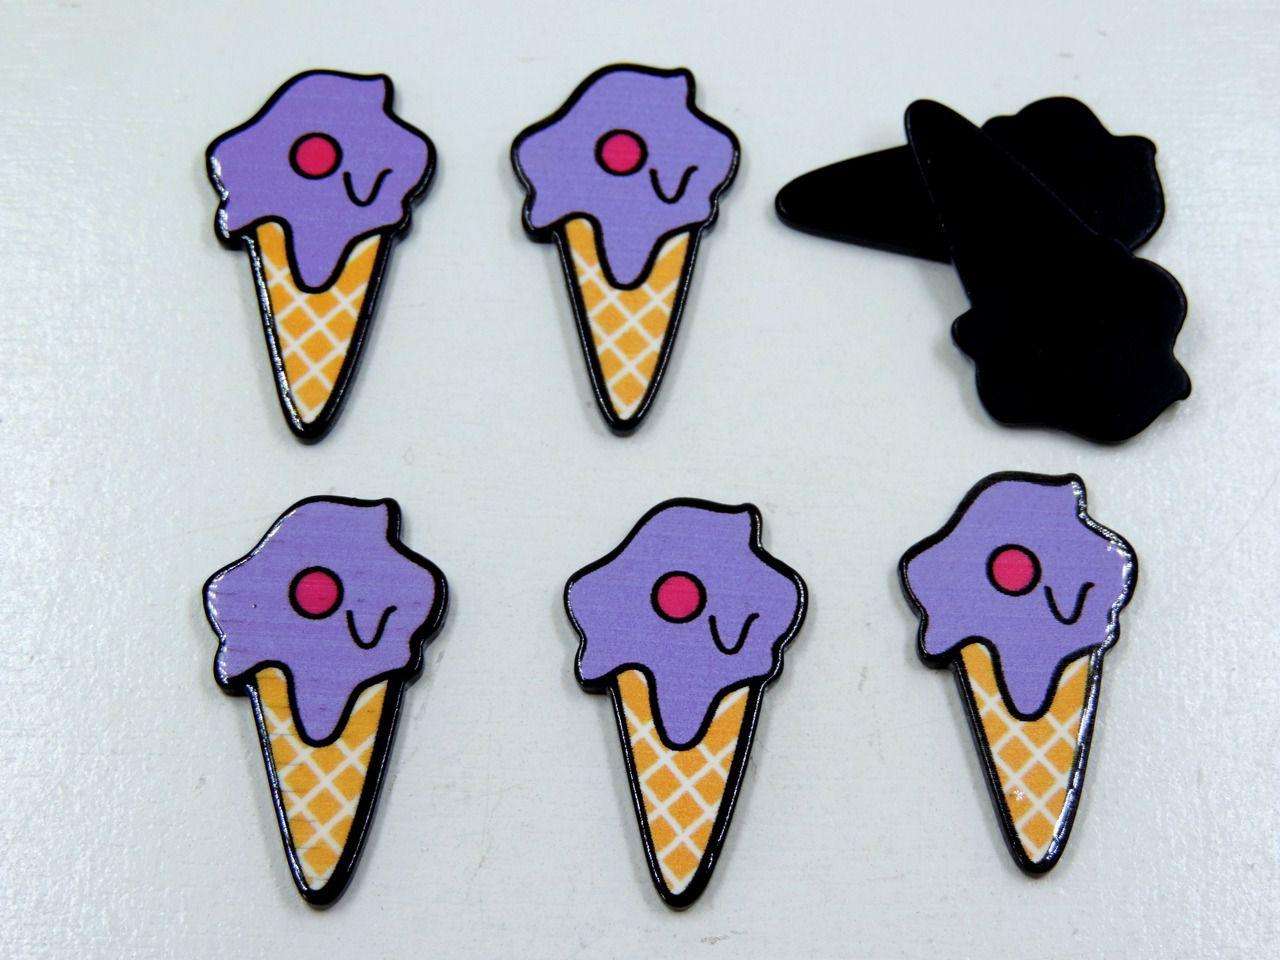 aplique sorvete 3,2x1,7cm para artesanatos 5 unidades